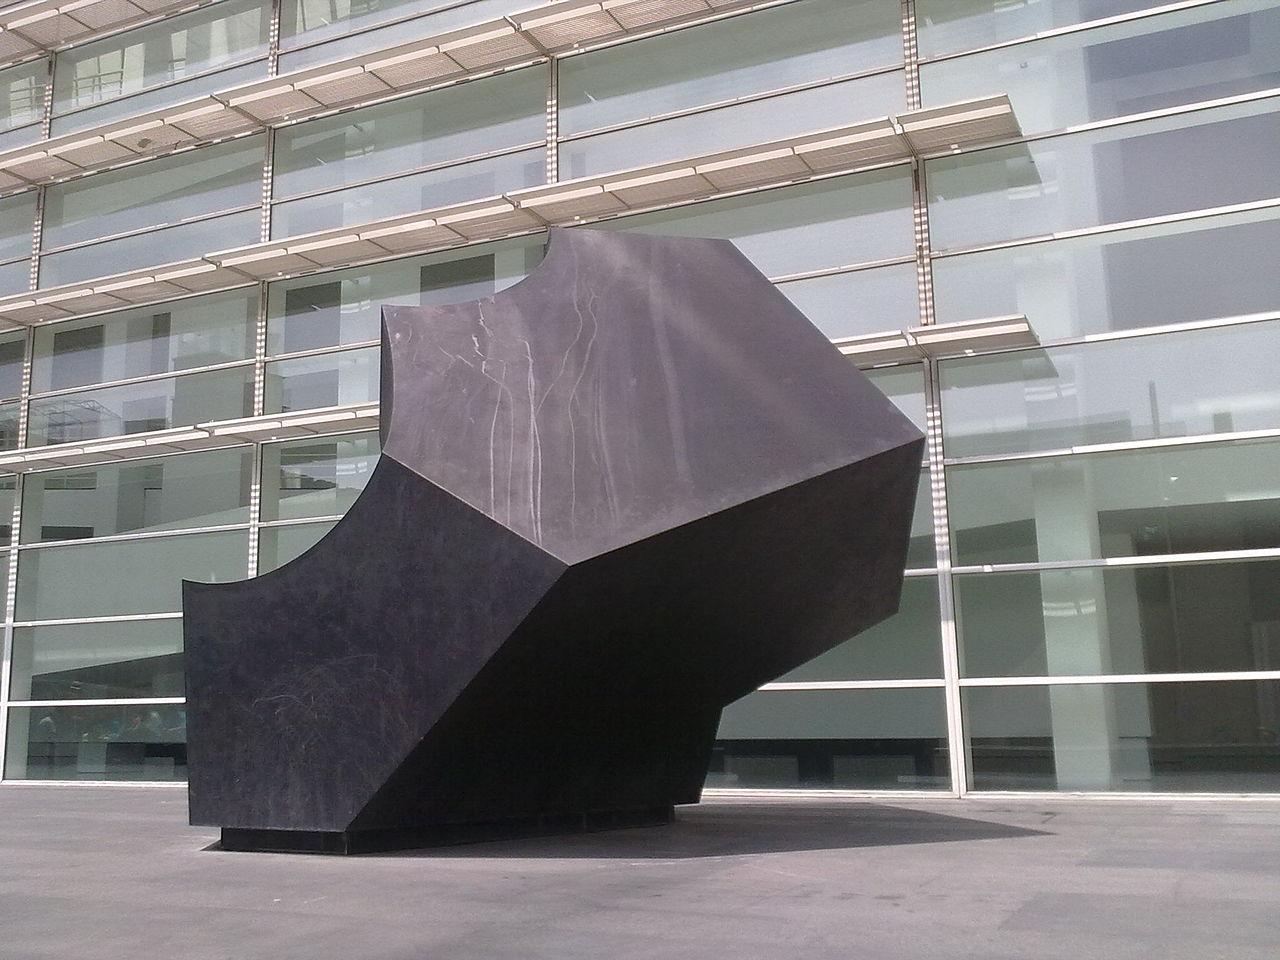 Музей современного искусства Барселоны, экспонат